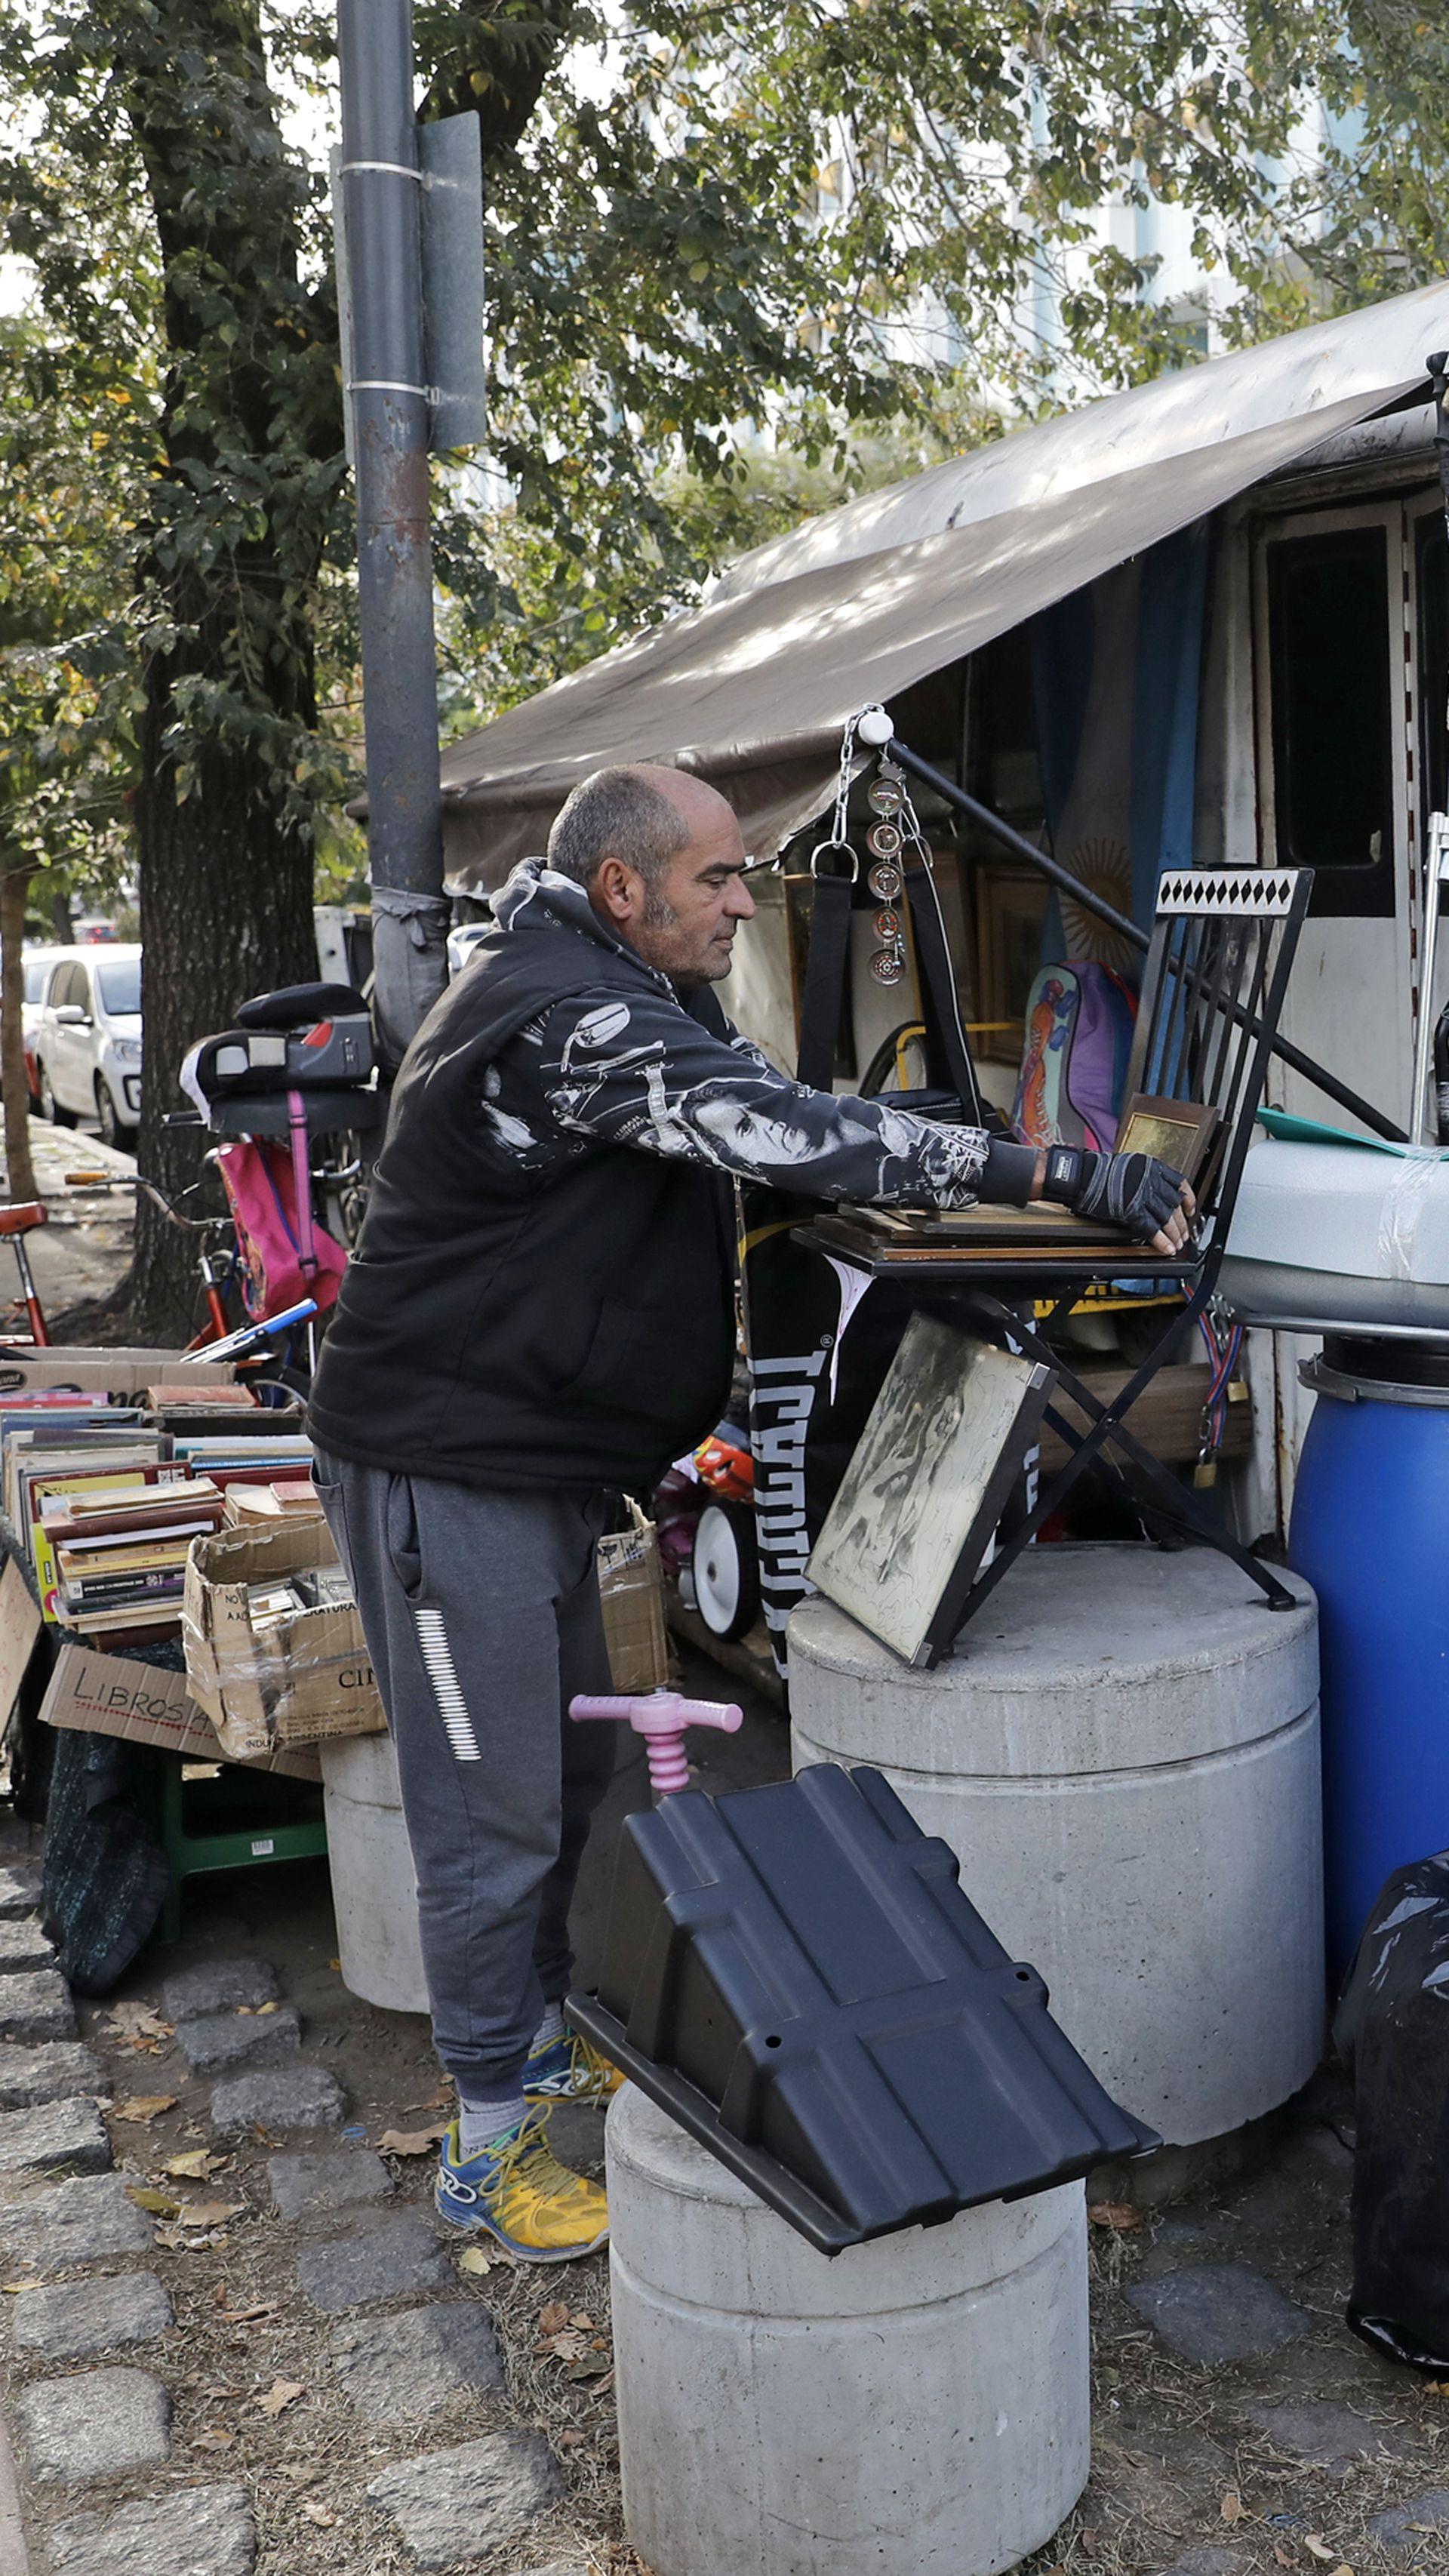 Se quedó sin trabajo, no pudo pagar más el alquiler y se fue a vivir a un  camión - LA NACION